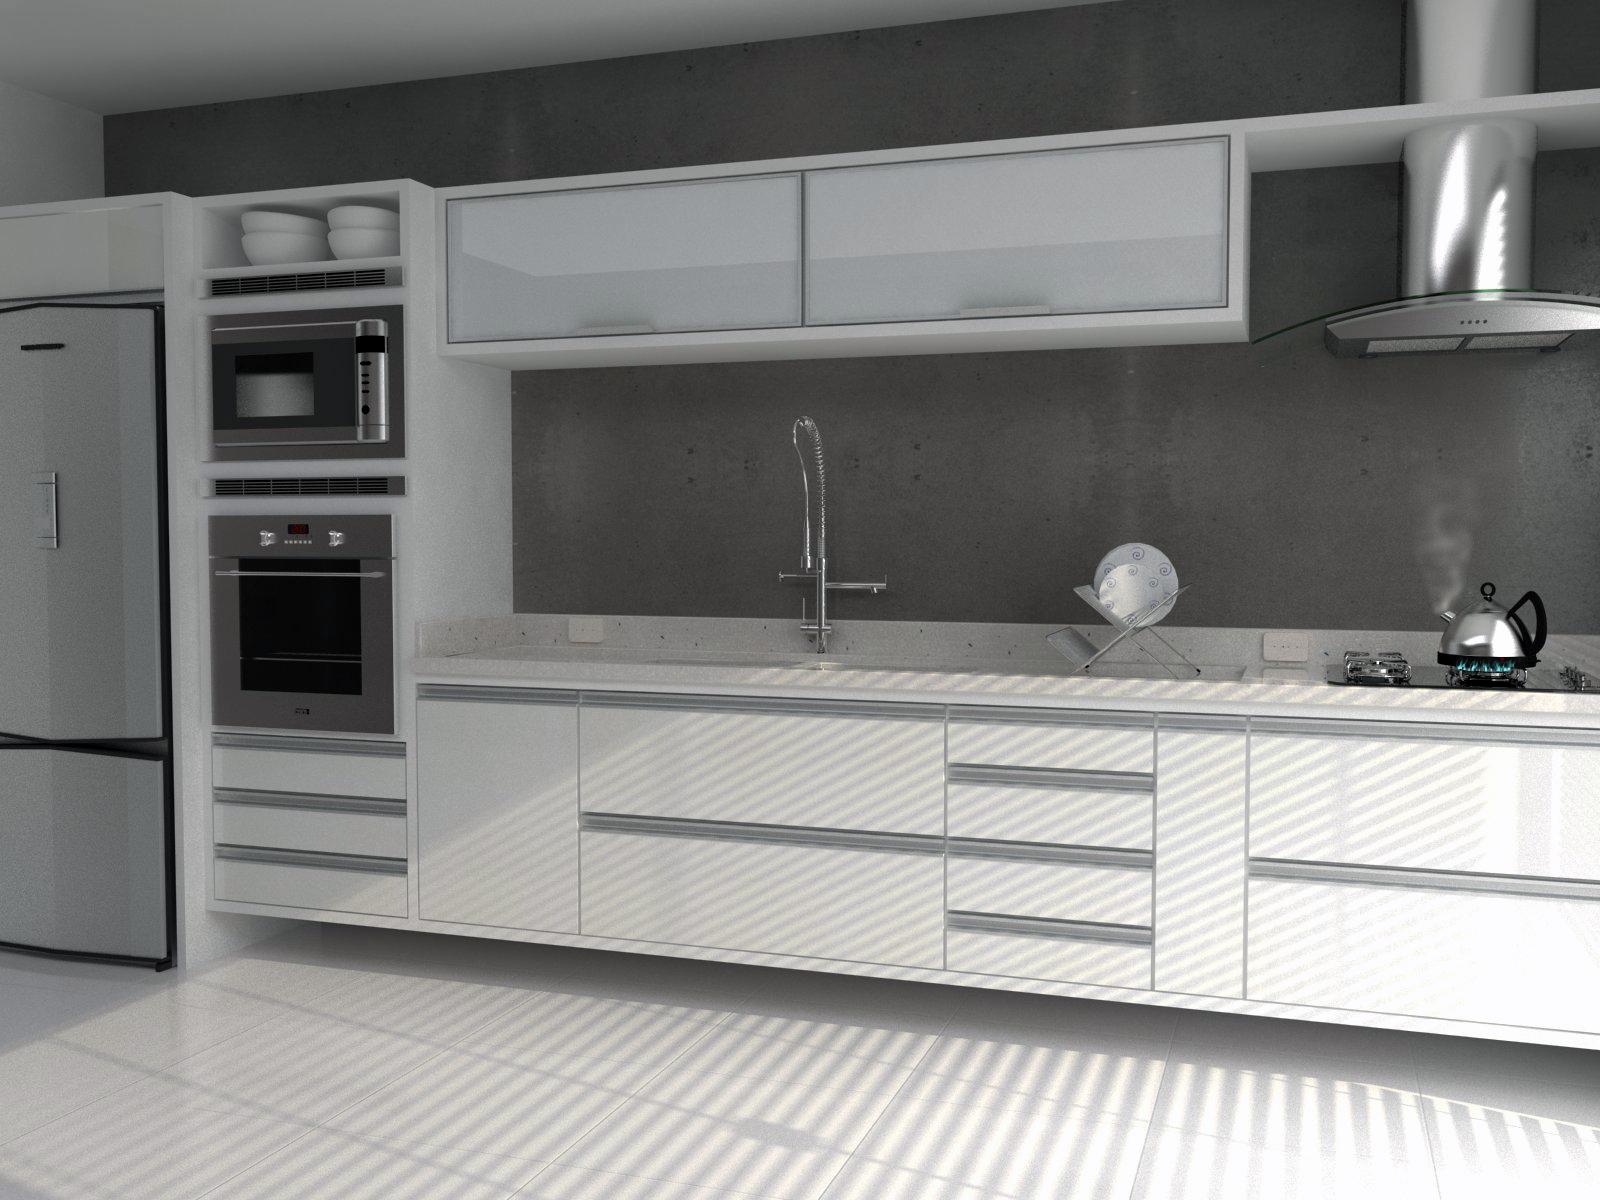 Wibamp Com Armario De Cozinha Preta E Branca Id Ias Do Projeto